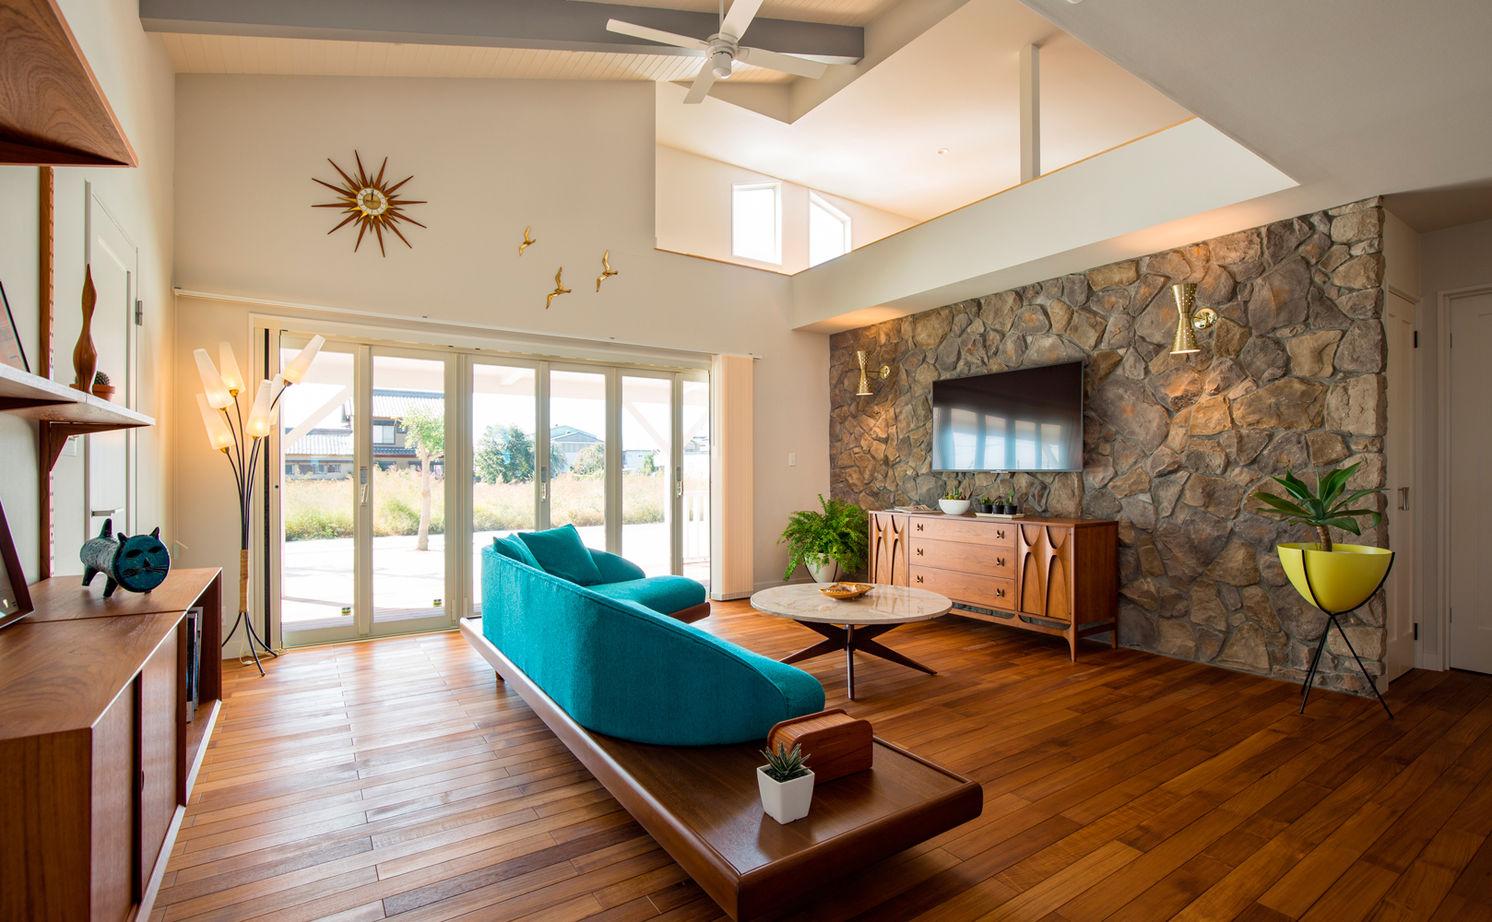 【アメリカンスタイル×平屋】無垢材など素材の質感にこだわった、ミッドセンチュリー家具が映える家画像2